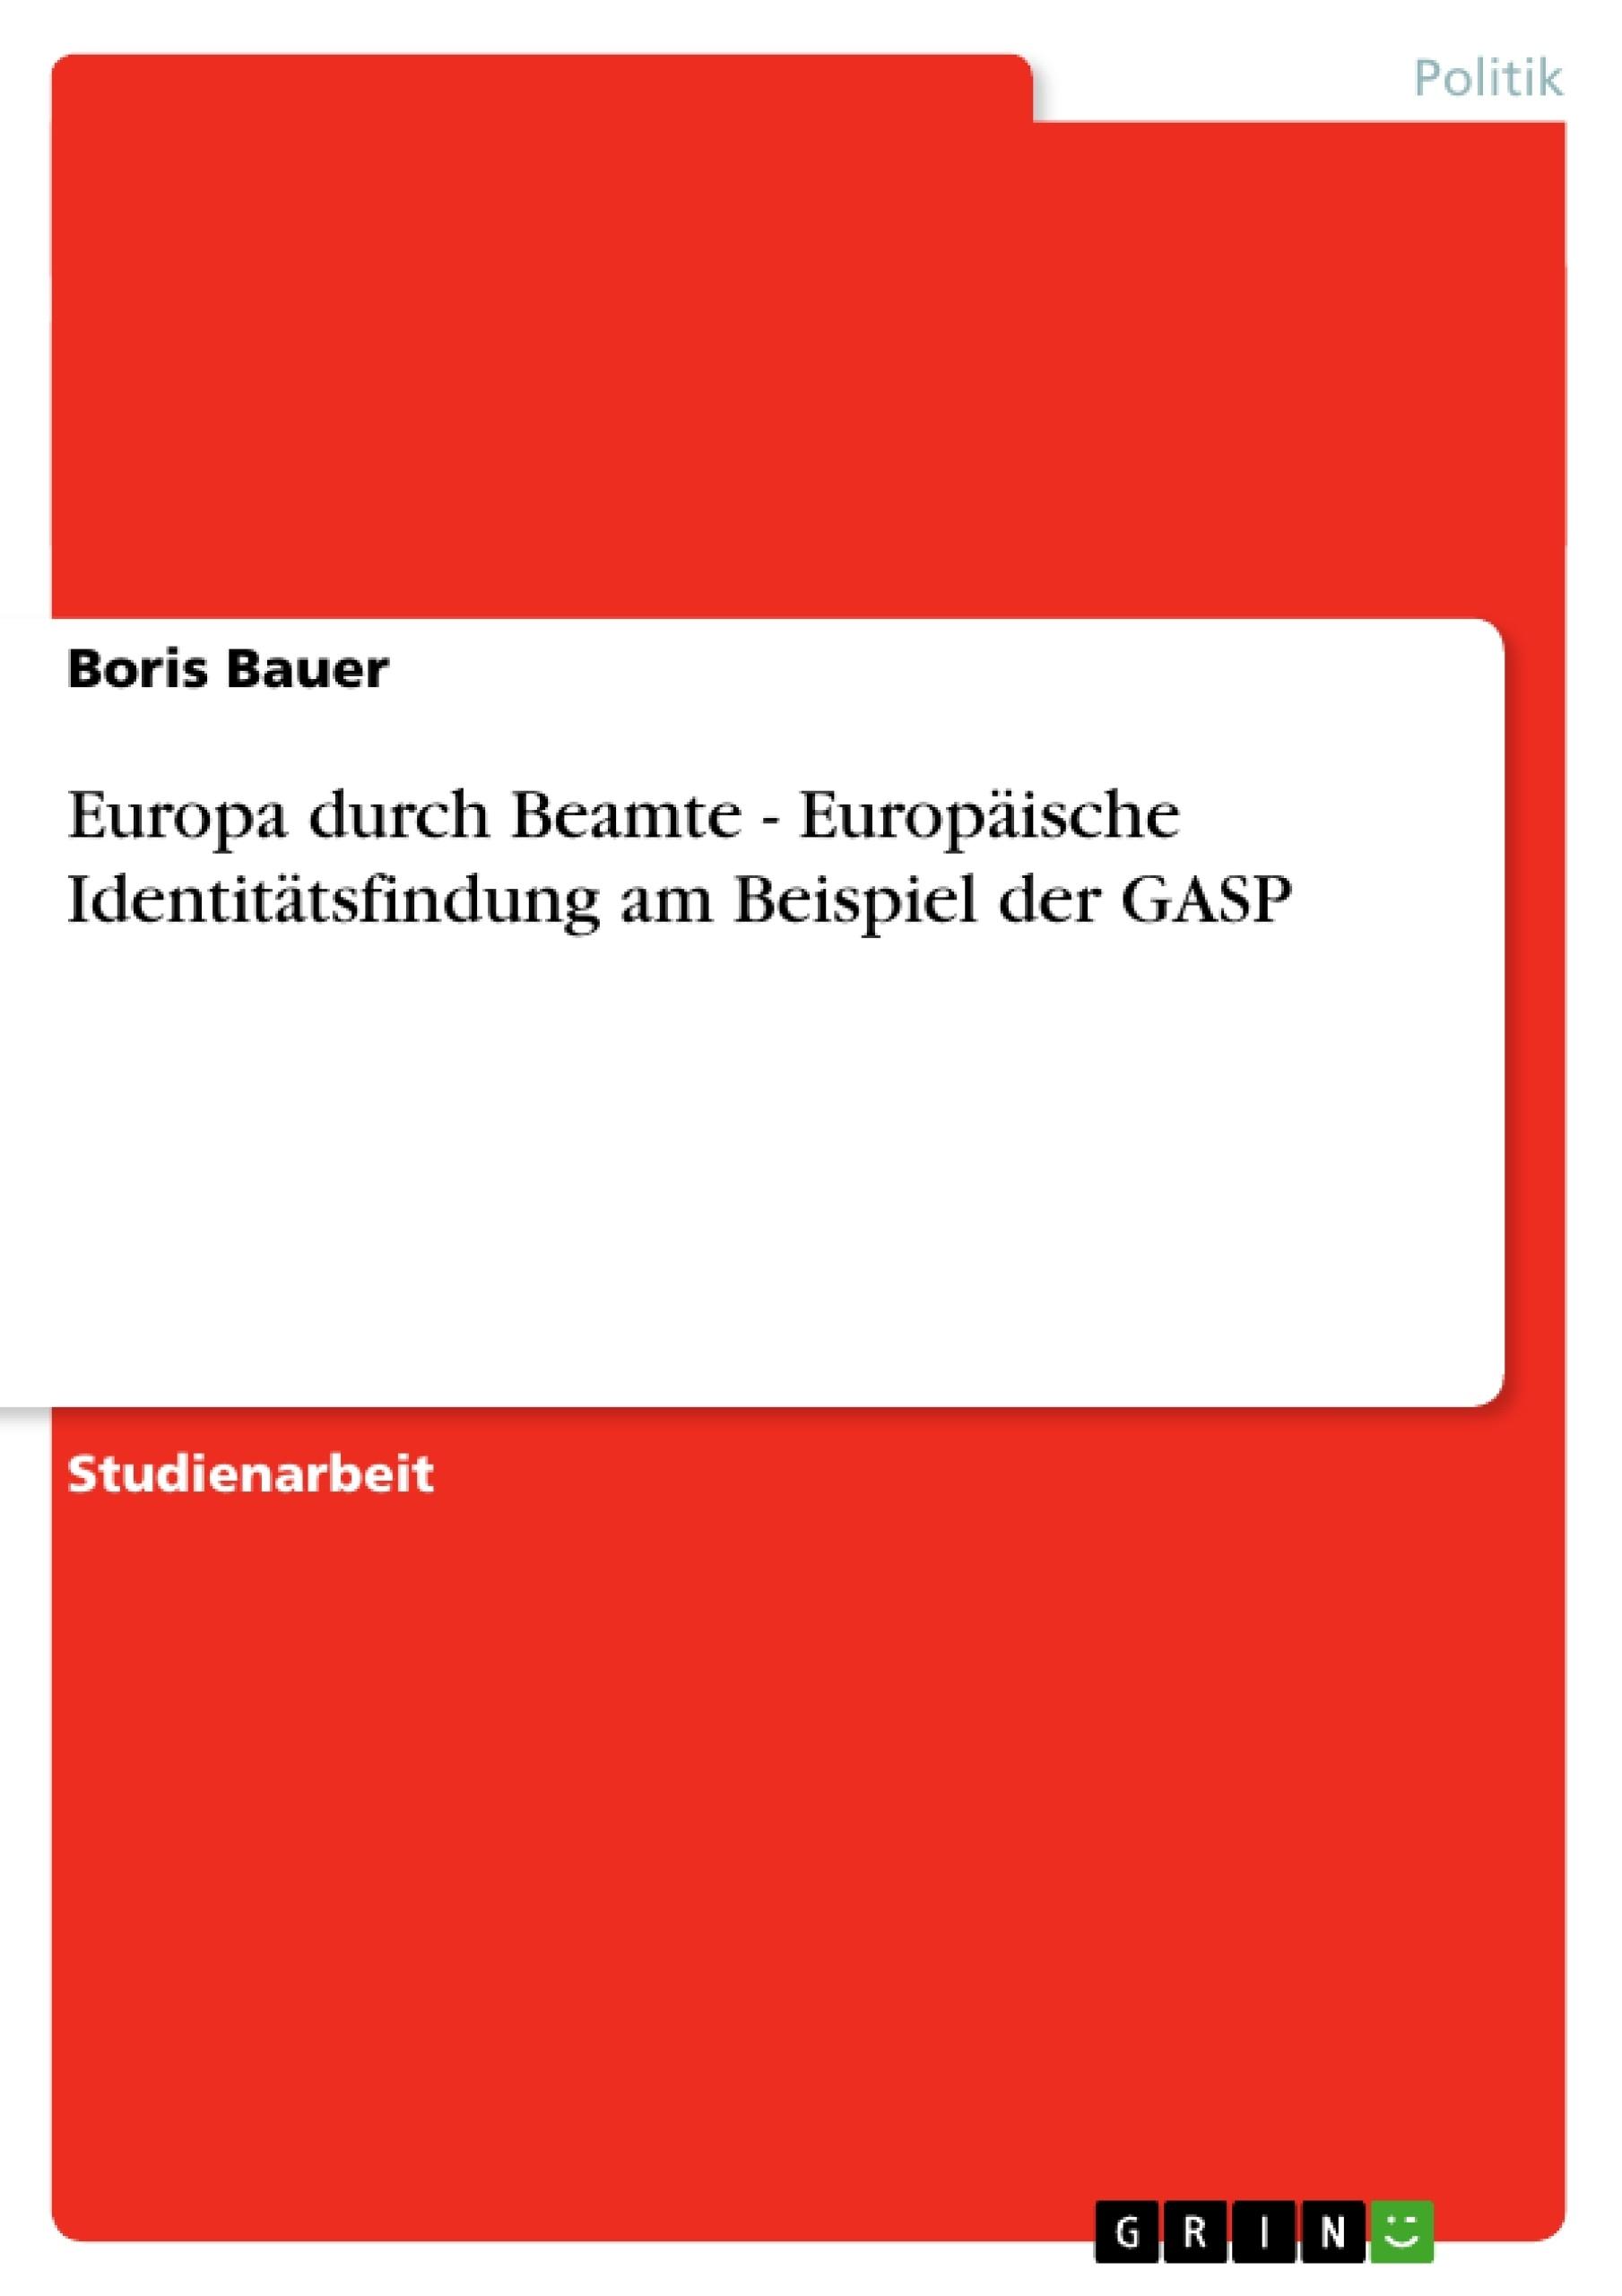 Titel: Europa durch Beamte - Europäische Identitätsfindung am Beispiel der GASP